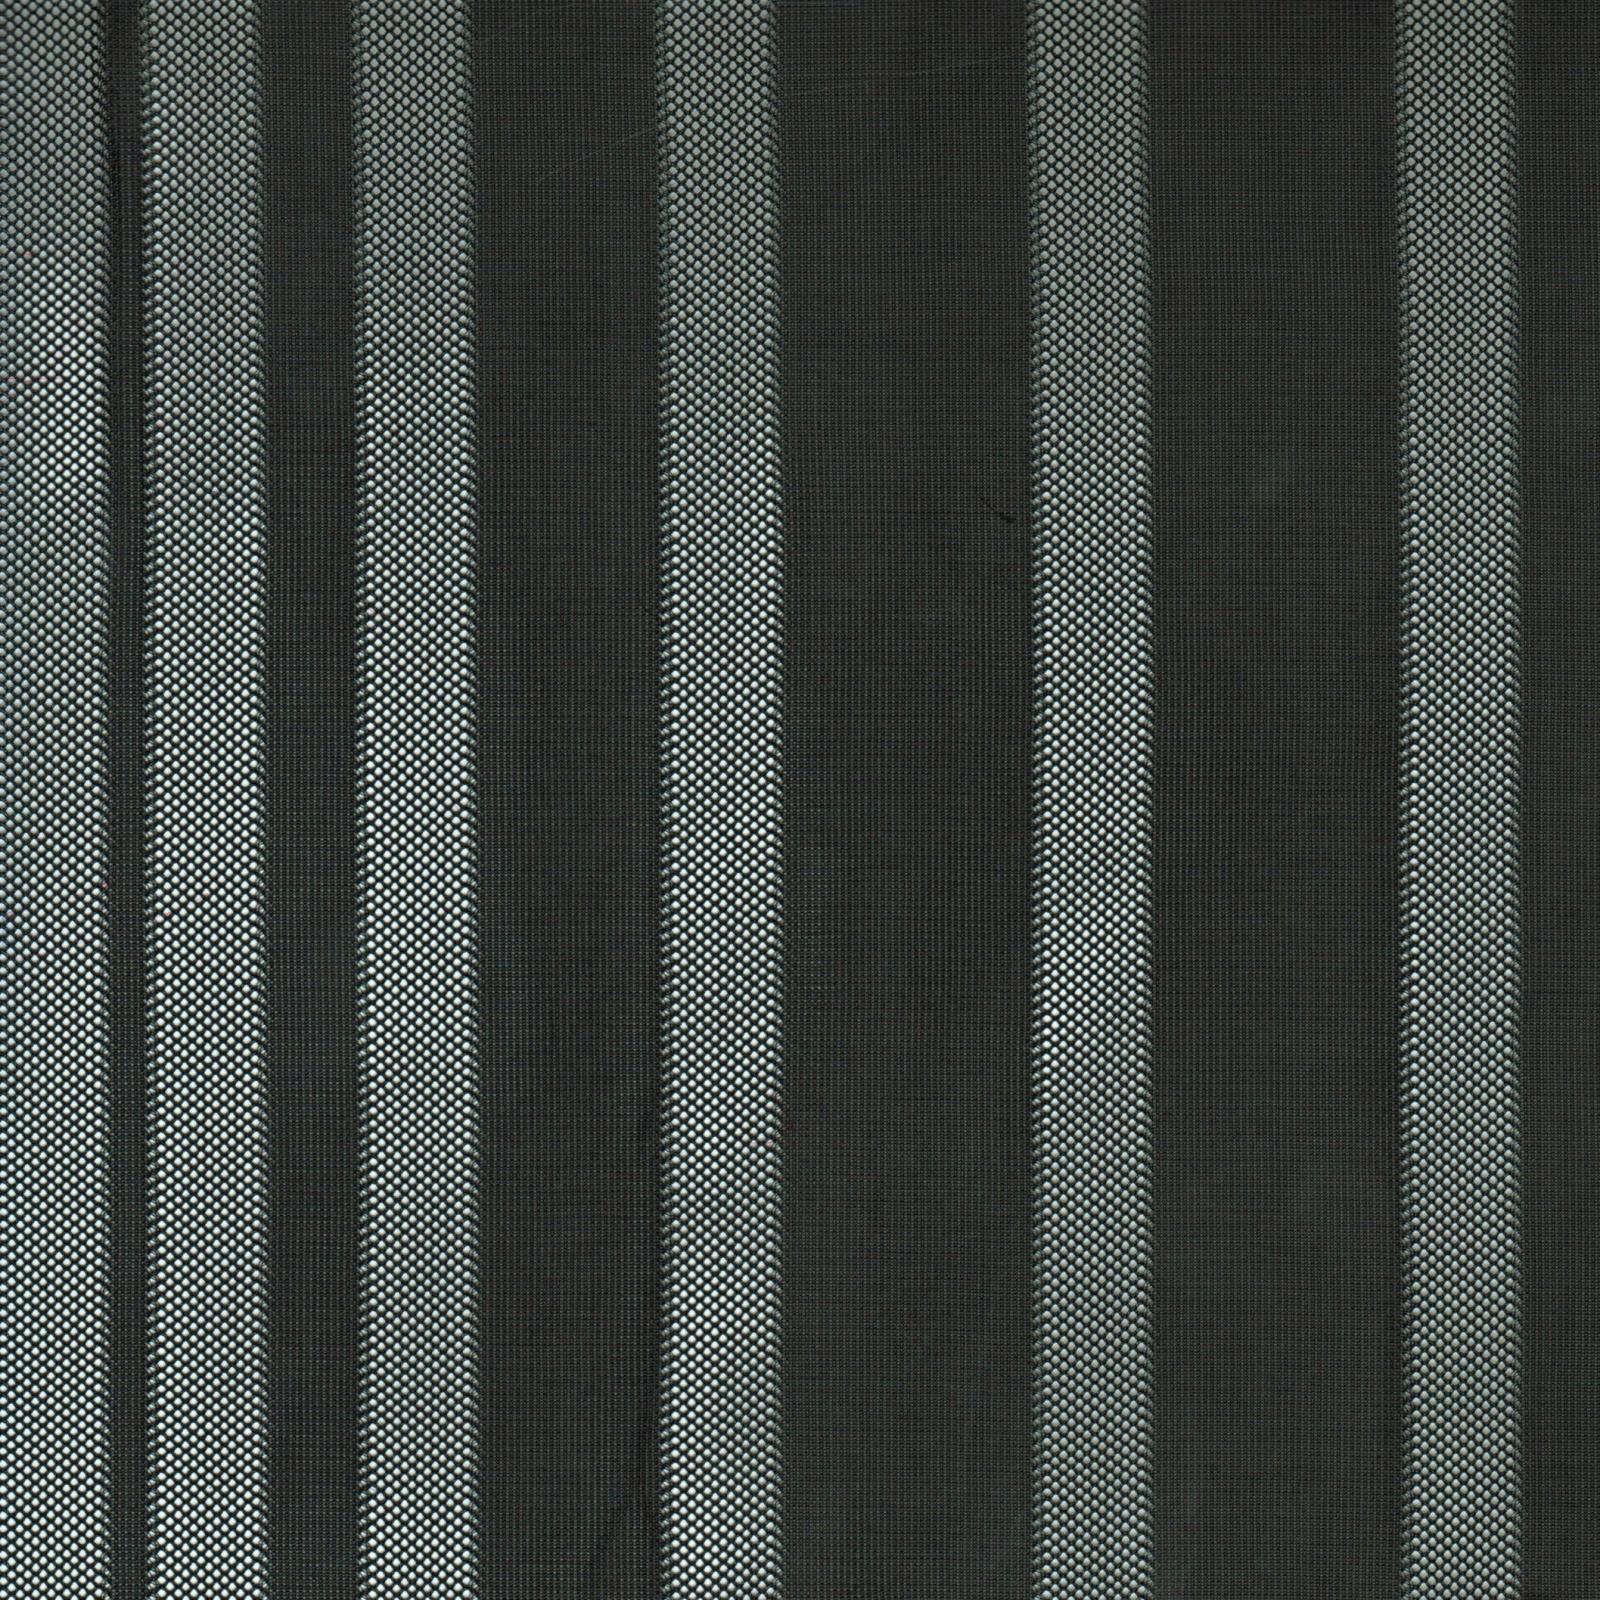 MRSK0347